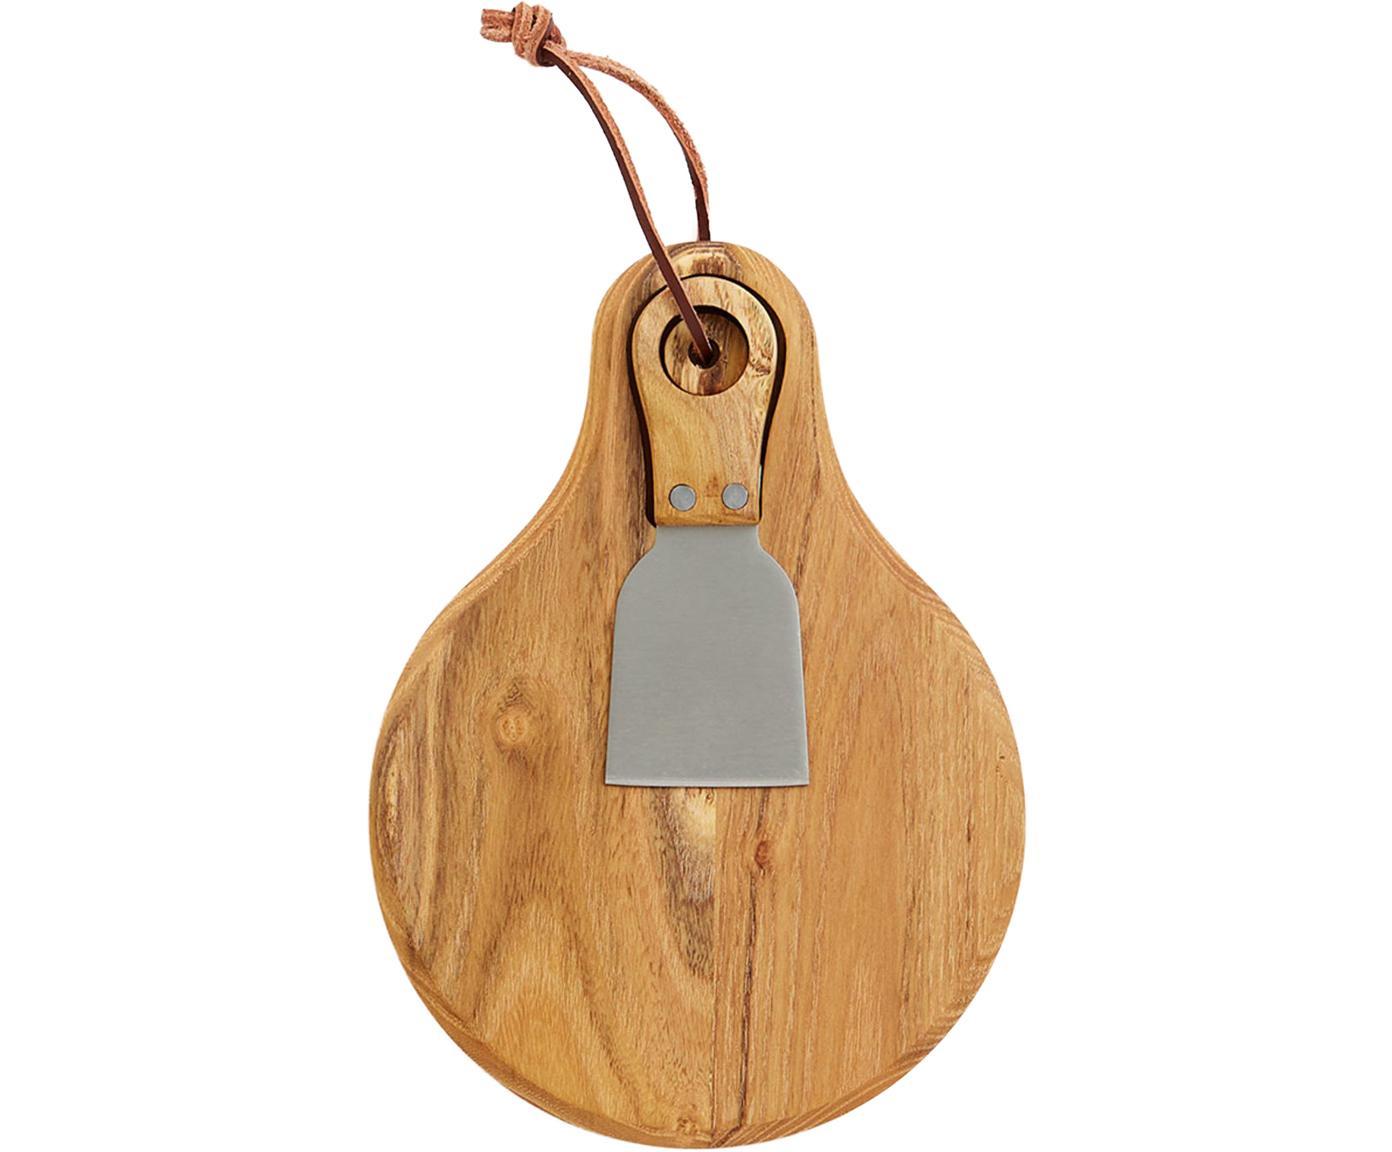 Set da formaggio Novara 2 pz, Coltello: legno di teak, acciaio in, Legno di teak, acciaio inossidabile, Larg. 22 x Prof. 16 cm